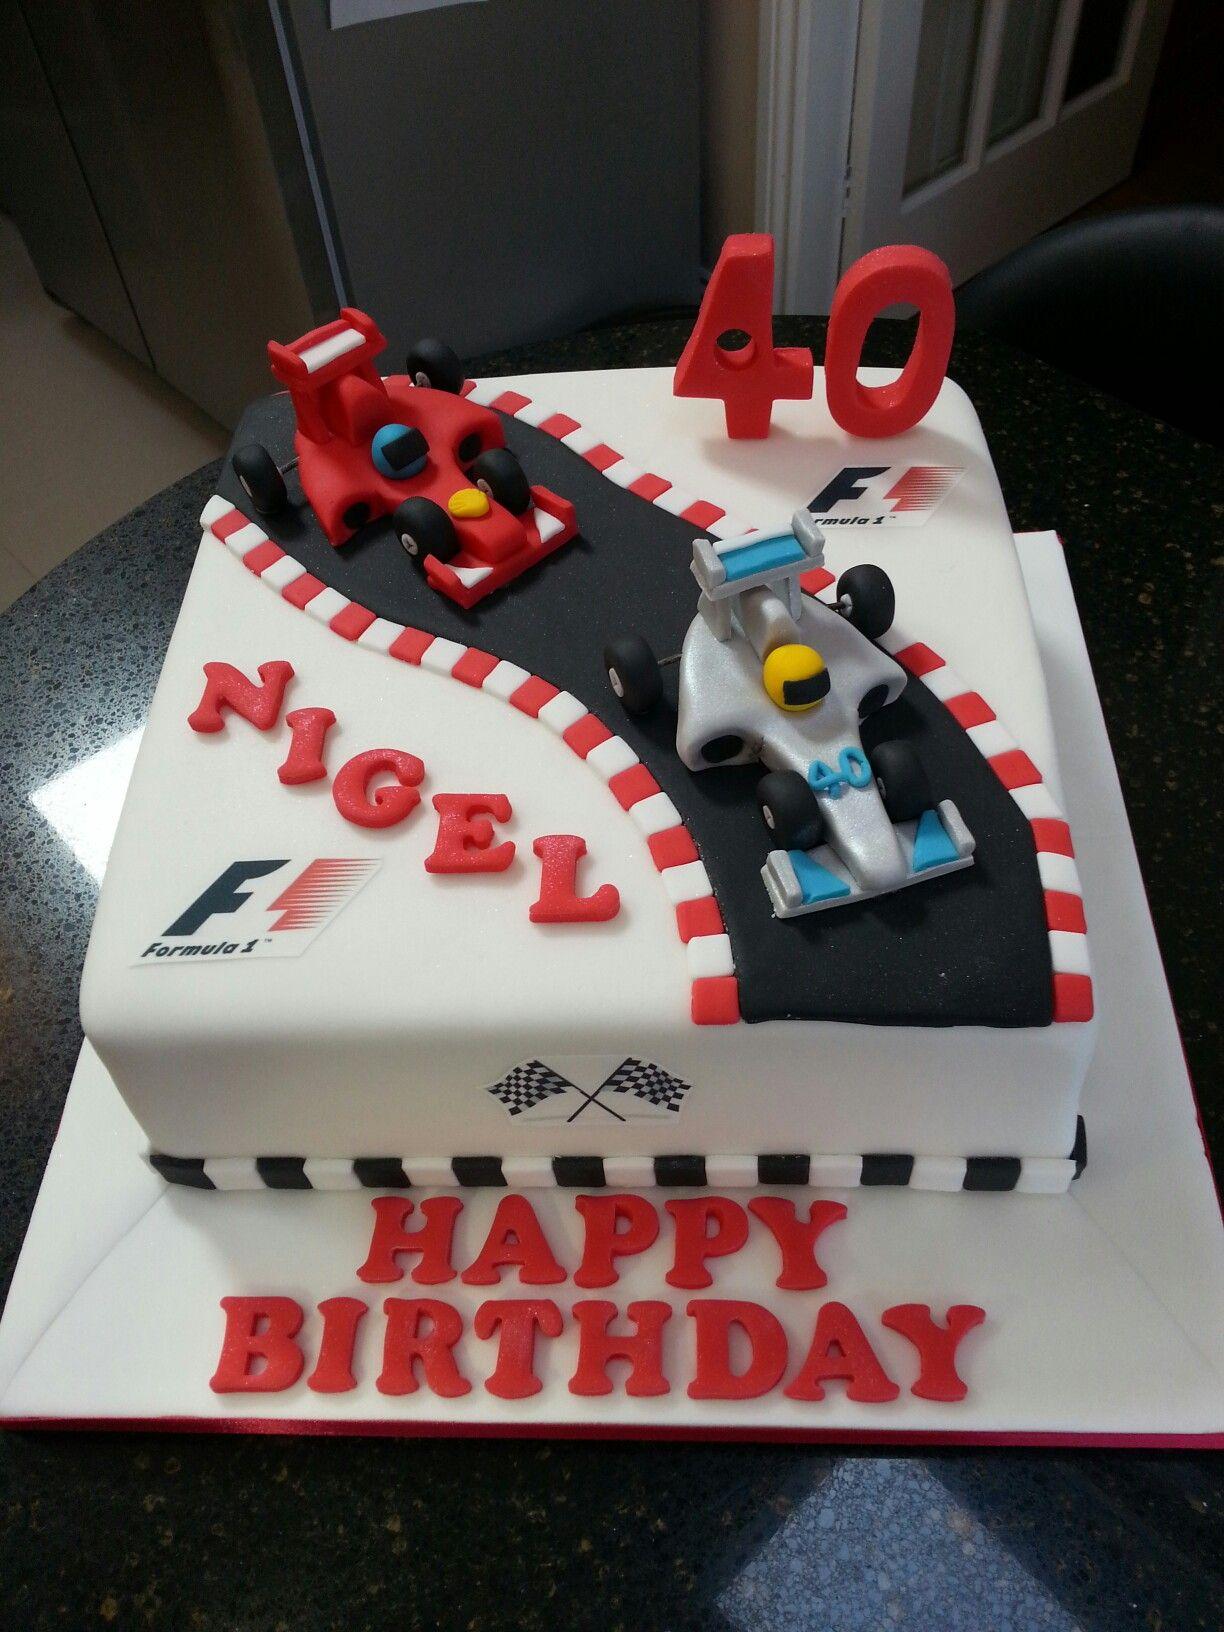 07a8e02d845 Formula one racing car 40th birthday cake Más